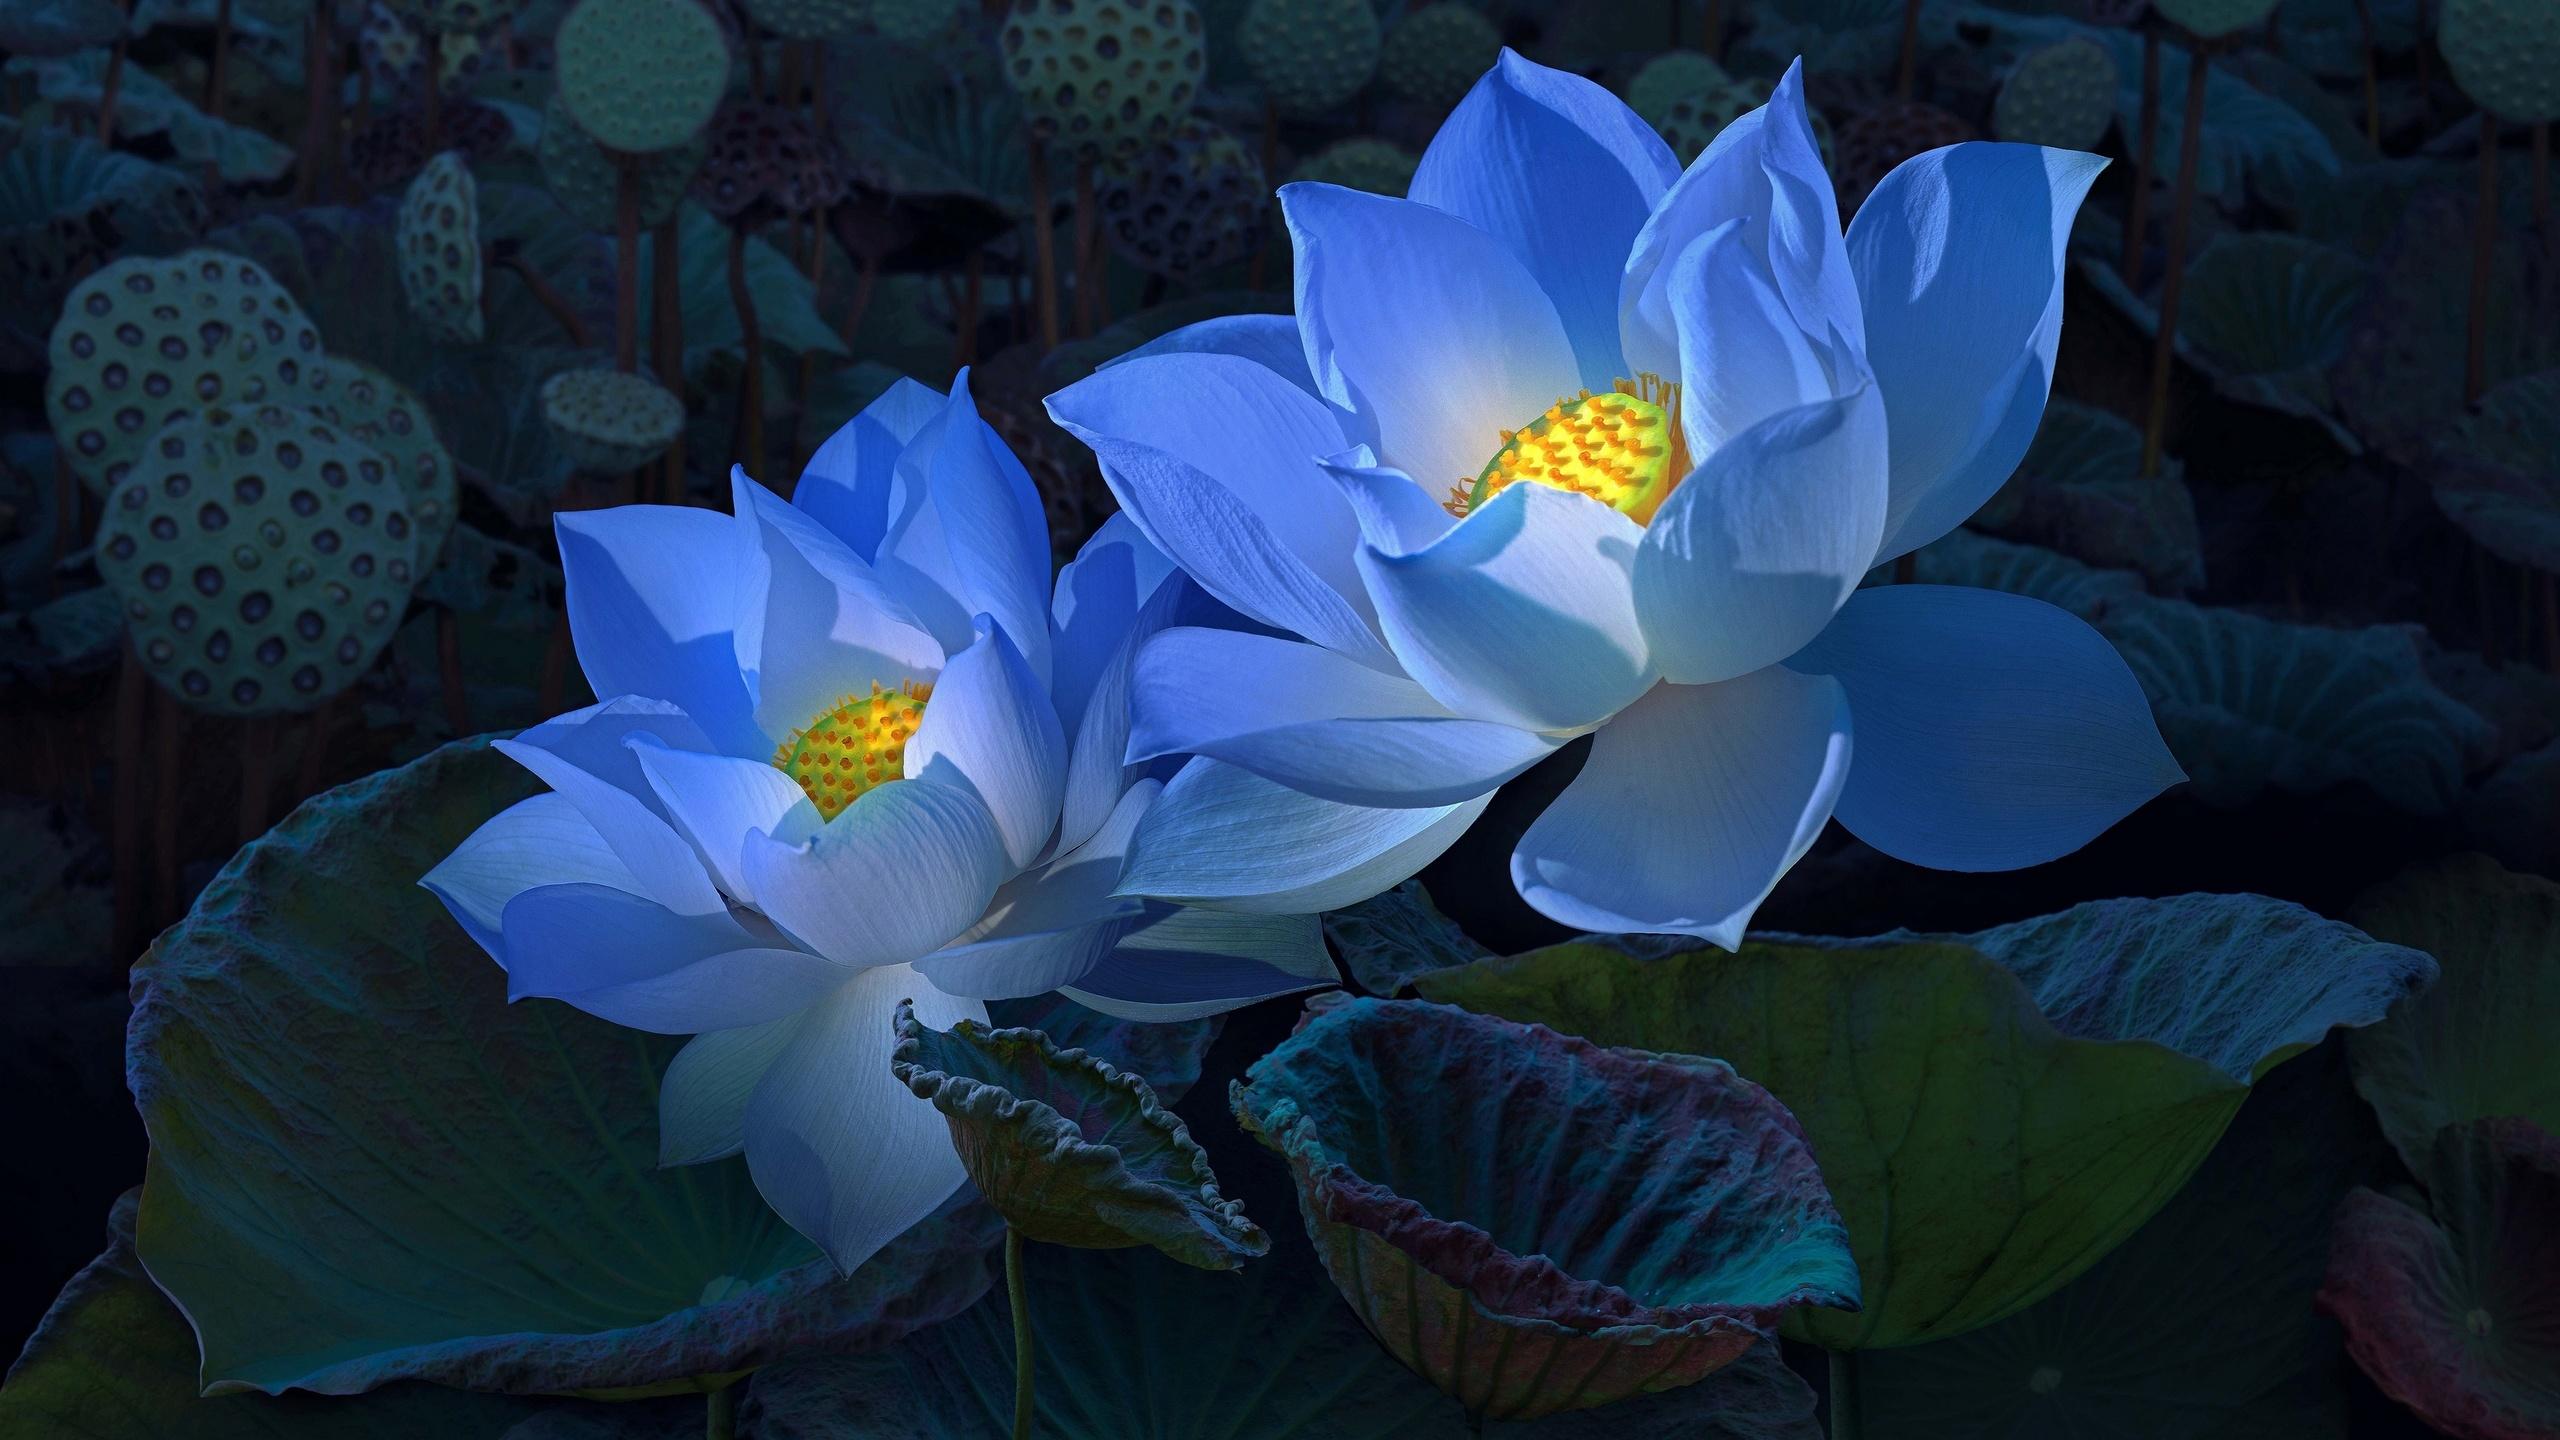 цветы, голубые, лепестки, бутоны